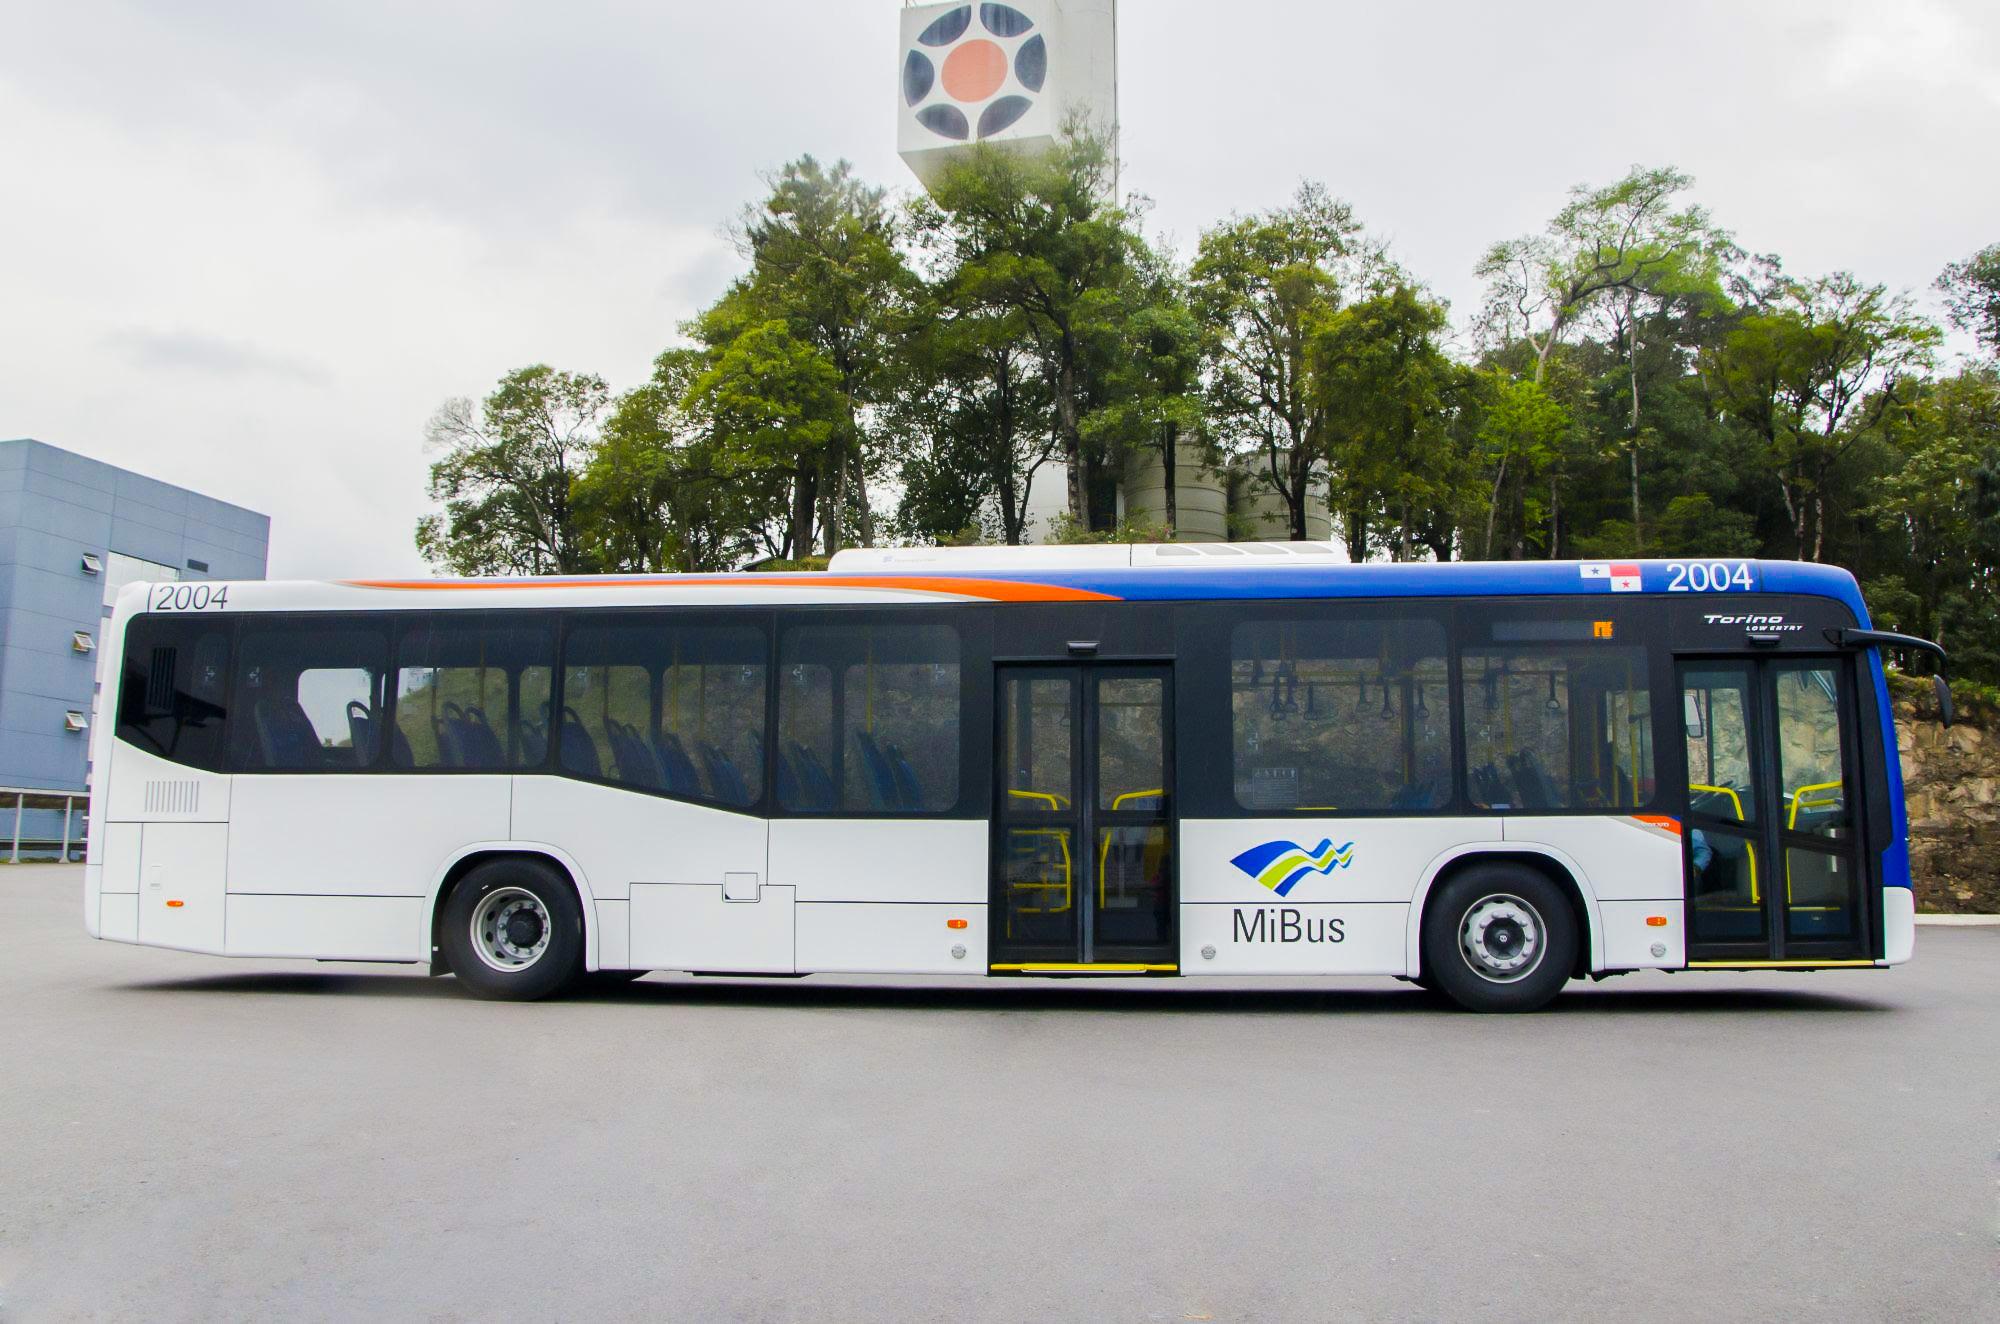 11. Metrobus